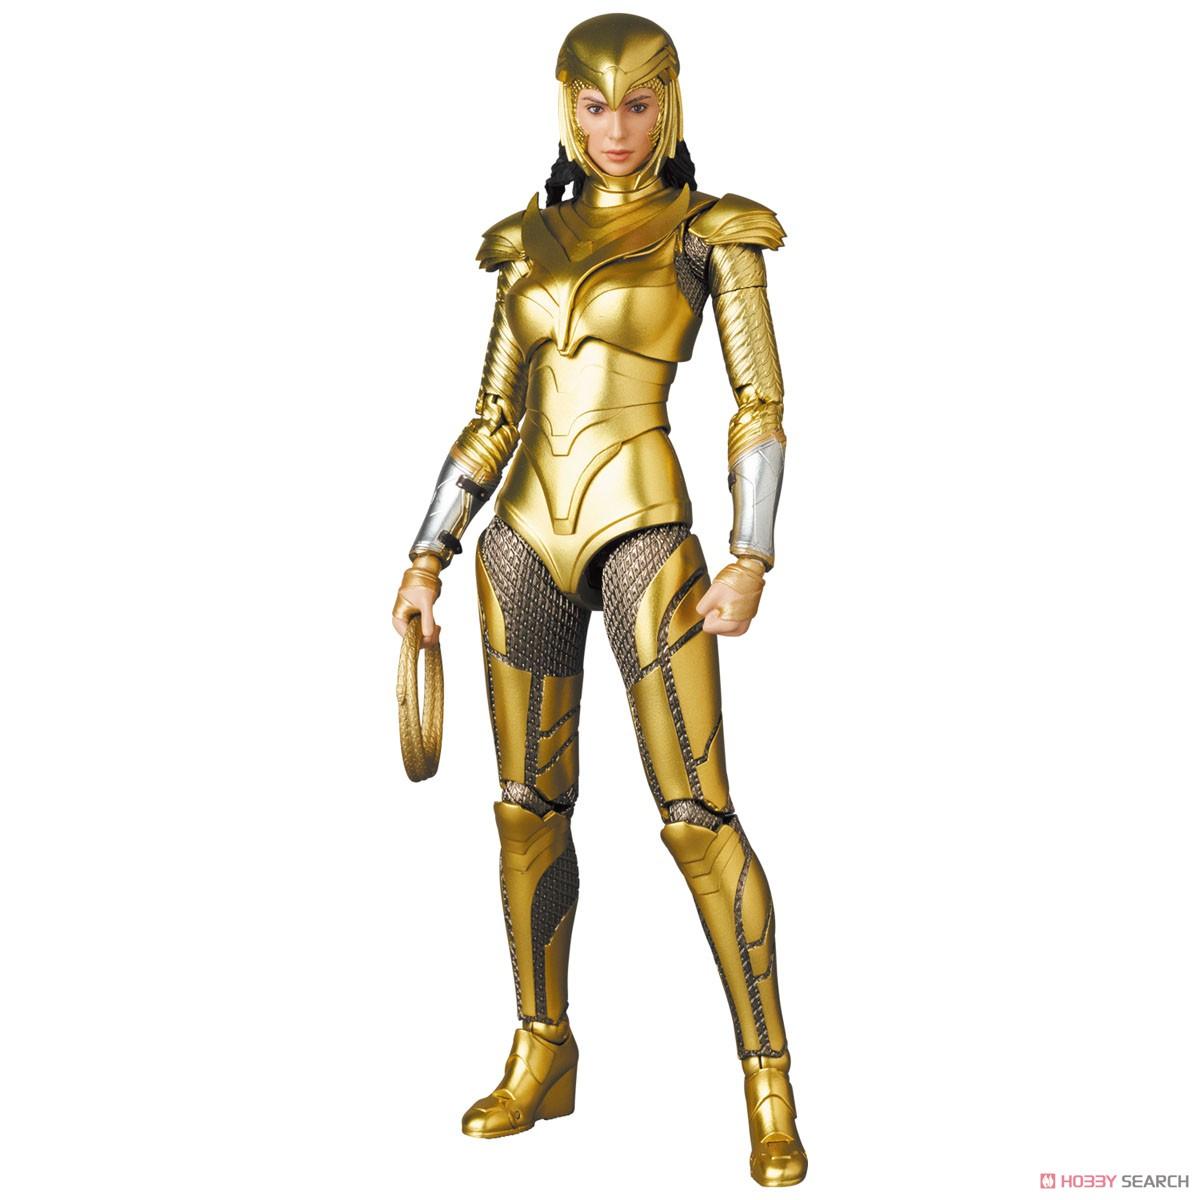 マフェックス No.148 MAFEX『ワンダーウーマン 1984 ゴールドアーマー版/WONDER WOMAN GOLDEN ARMOR Ver.』可動フィギュア-010